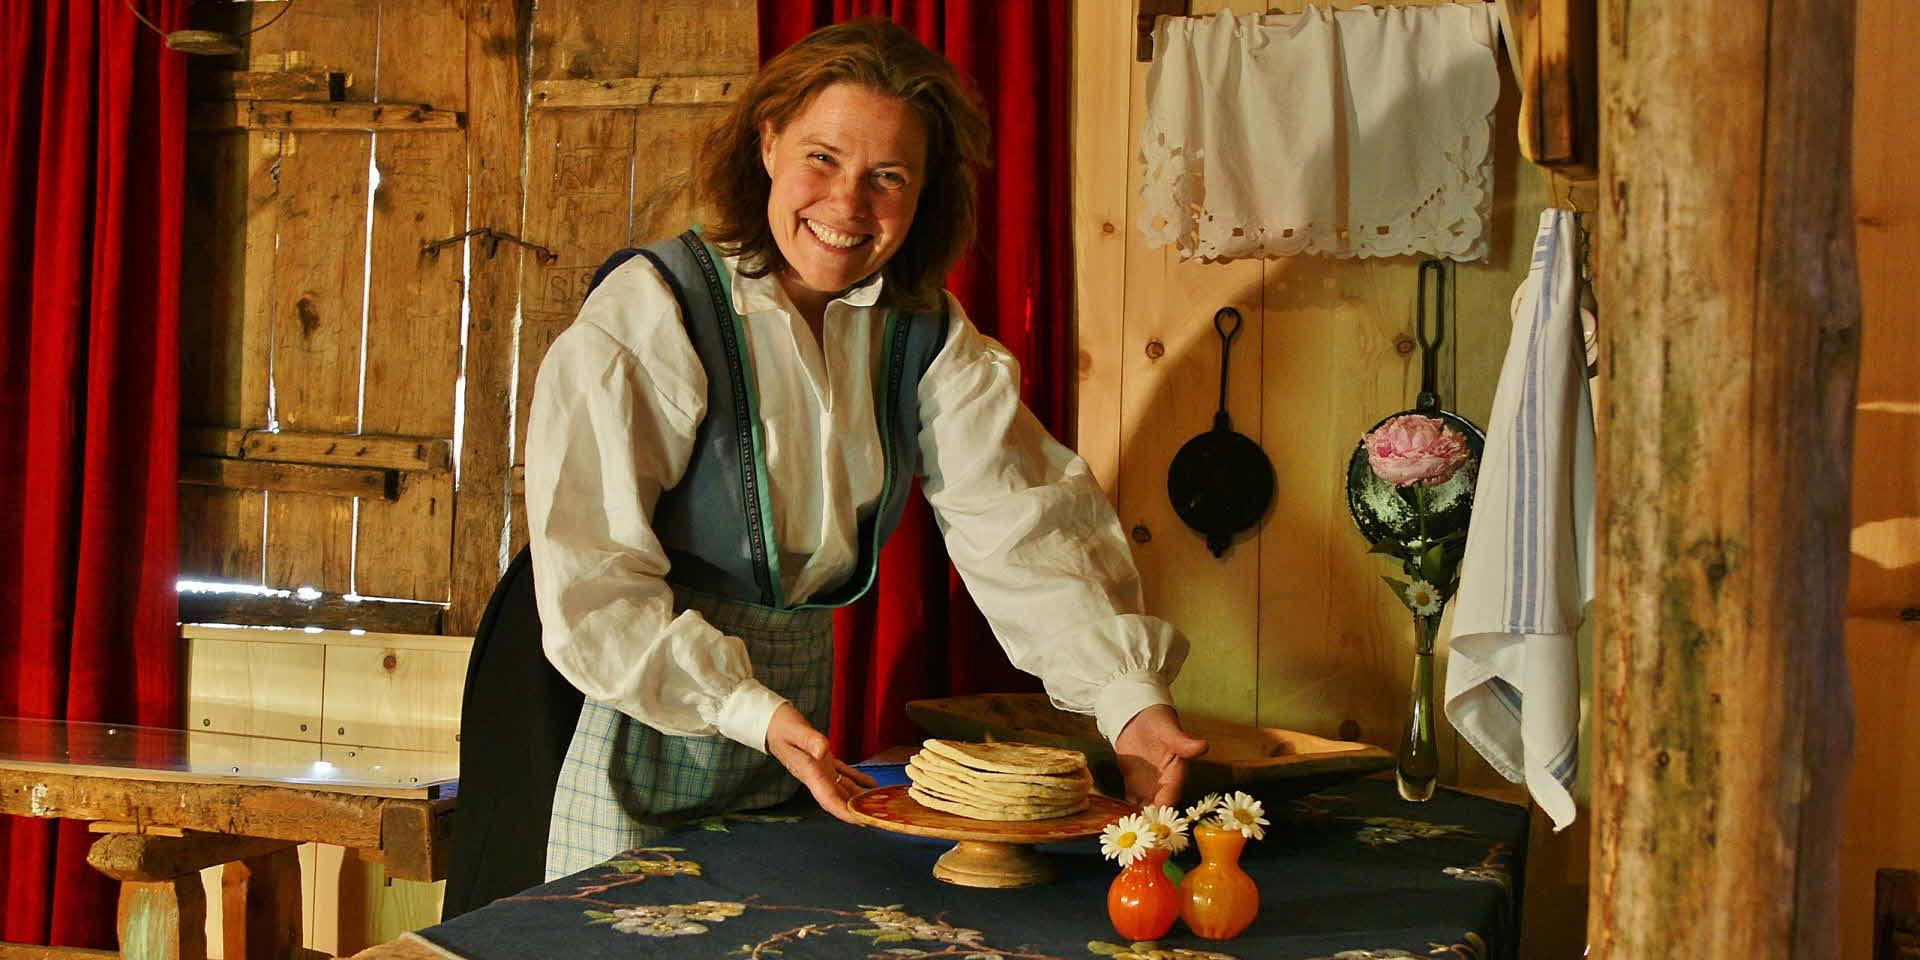 美しい民族衣装を着た女性が、伝統的なキッチンで微笑みながら地元産のフラットブレッドを手渡します。